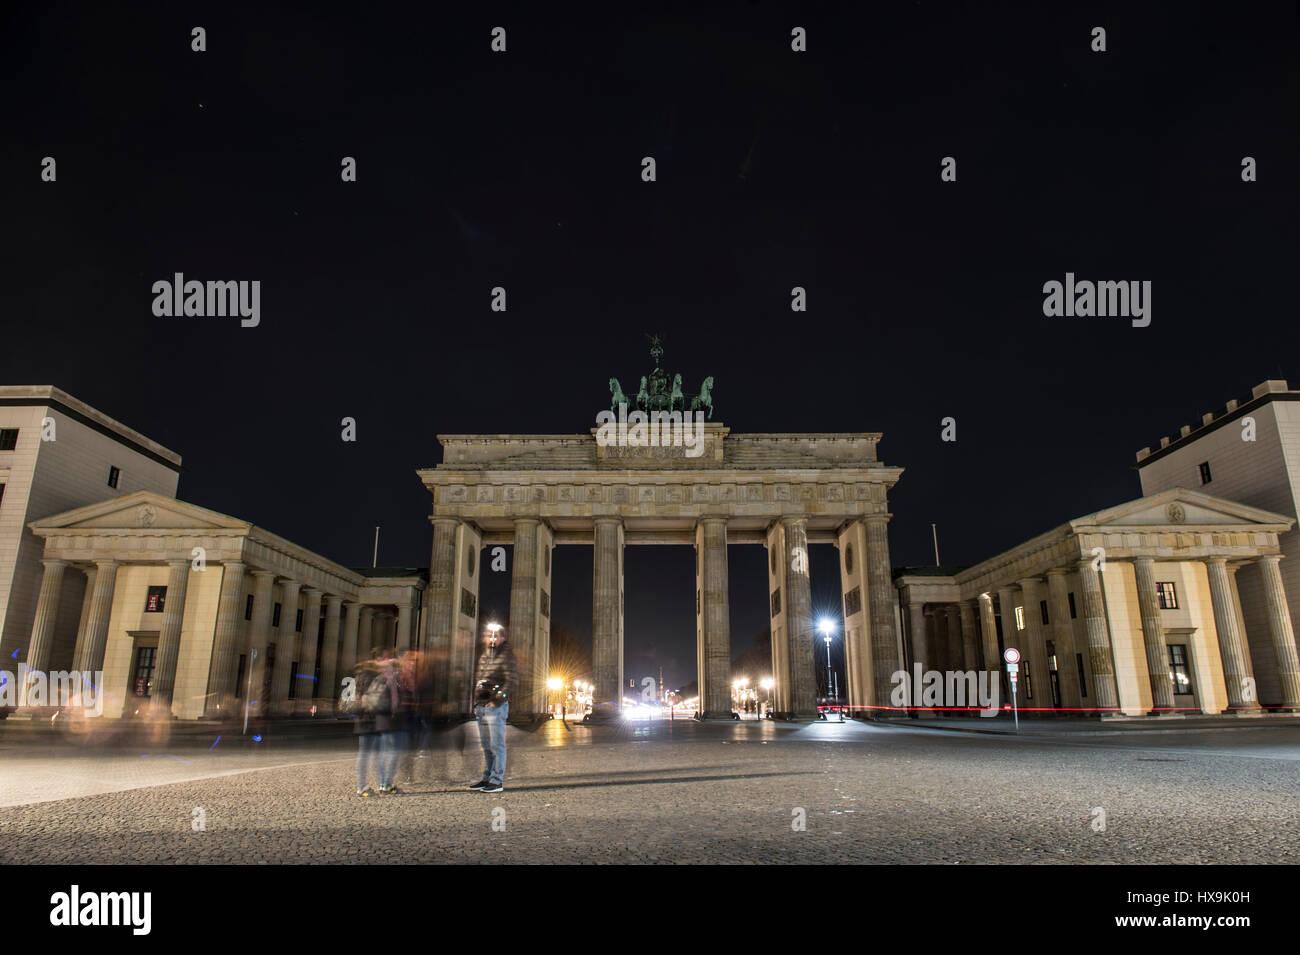 """Berlín, Alemania. 25 Mar, 2017. La Puerta de Brandenburgo se enciende justo antes de """"La hora de la tierra"""" en Berlín, Alemania, el 25 de marzo de 2017. Foto: Paul Zinken/dpa/Alamy Live News Foto de stock"""